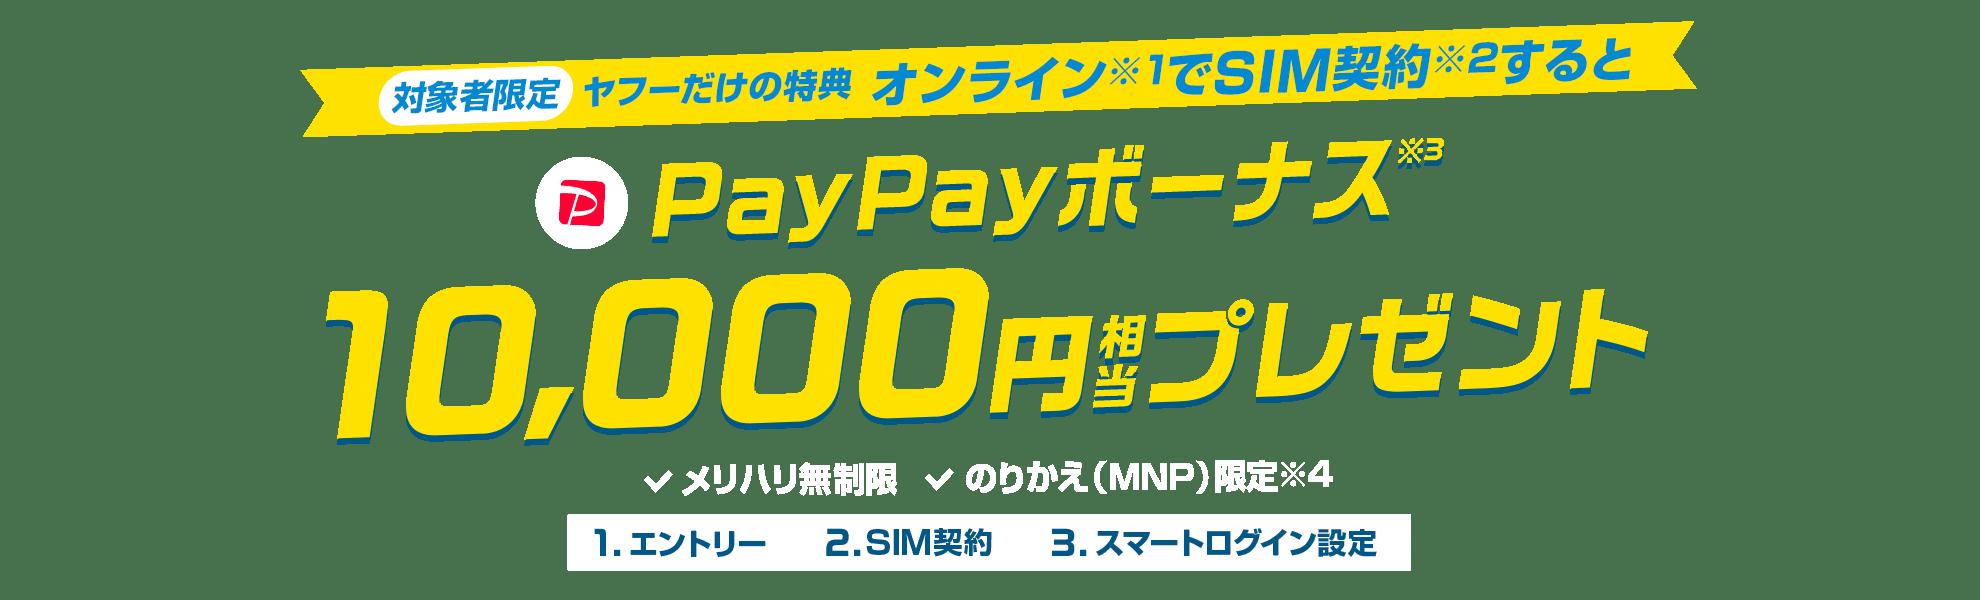 対象者限定ヤフーだけの特典オンライン(※1)でSIM契約(※2)するとPayPayボーナス(※3)10,000円相当プレゼント 対象料金プラン:メリハリ無制限 のりかえ(MNP)限定(※4)1.エントリー>2.SIM契約>3.スマートログイン設定